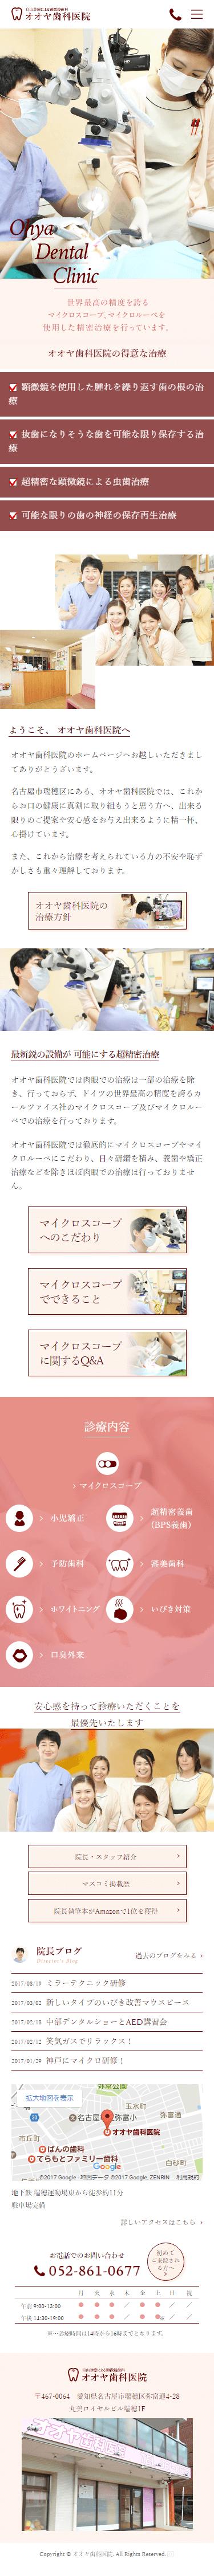 オオヤ歯科医院様3